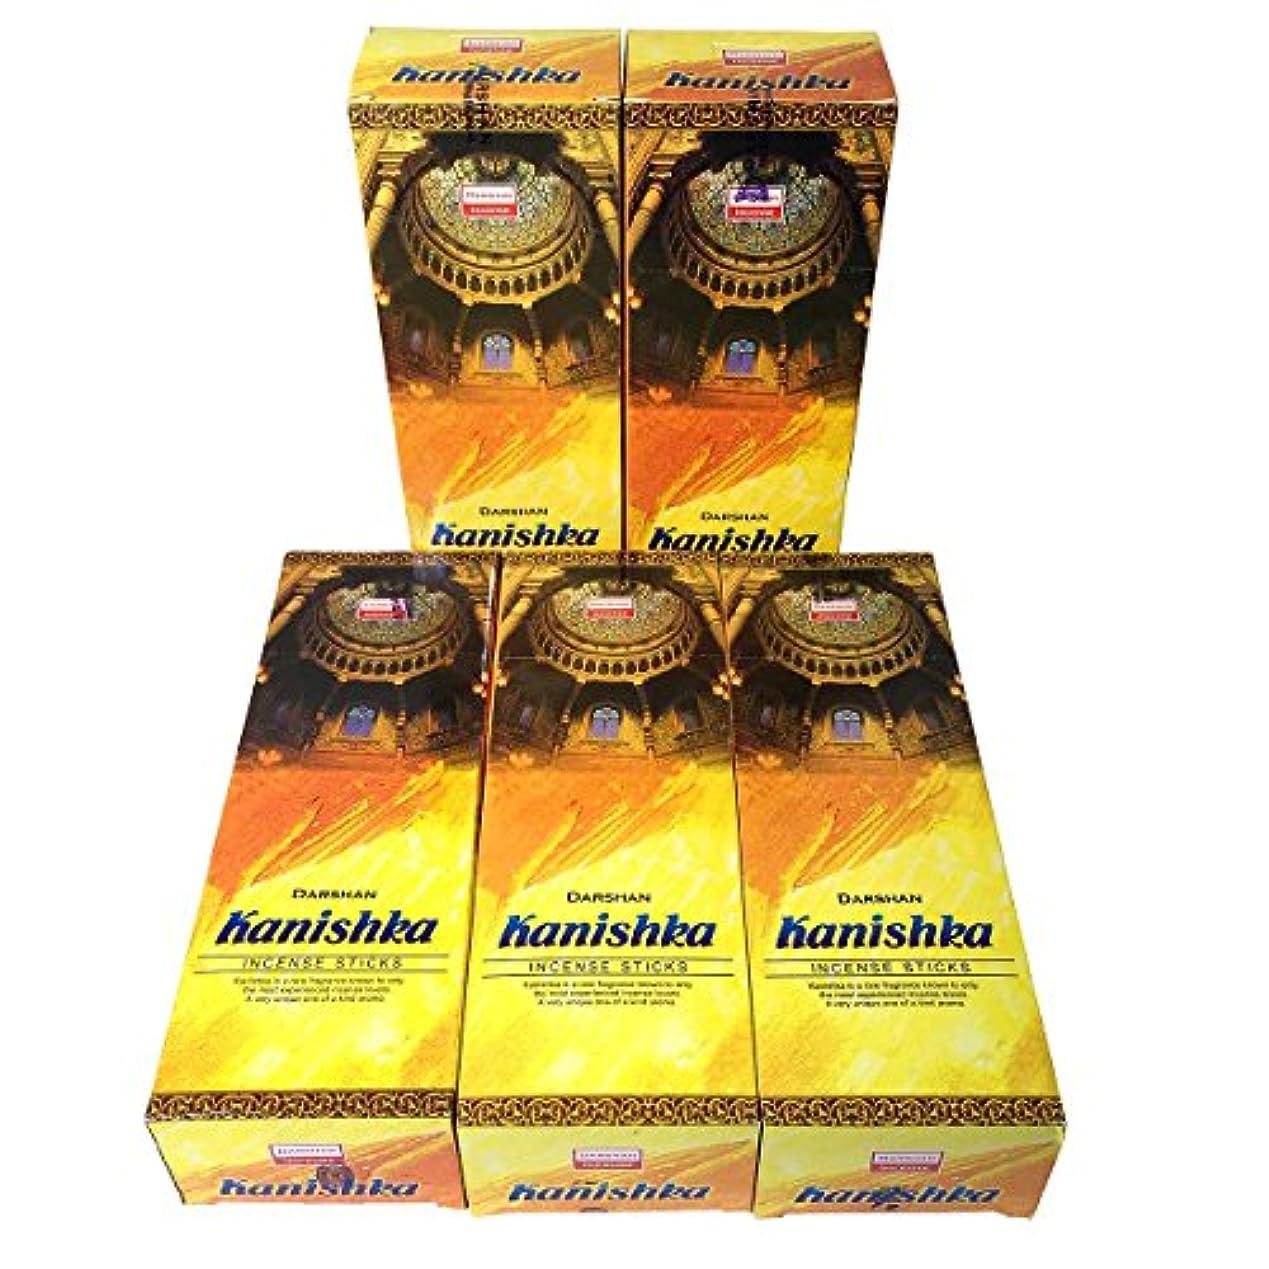 採用する壊滅的なホールドオールカニシュカ香スティック 5BOX(30箱)/DARSHAN KANISHKA/ インド香 / 送料無料 [並行輸入品]